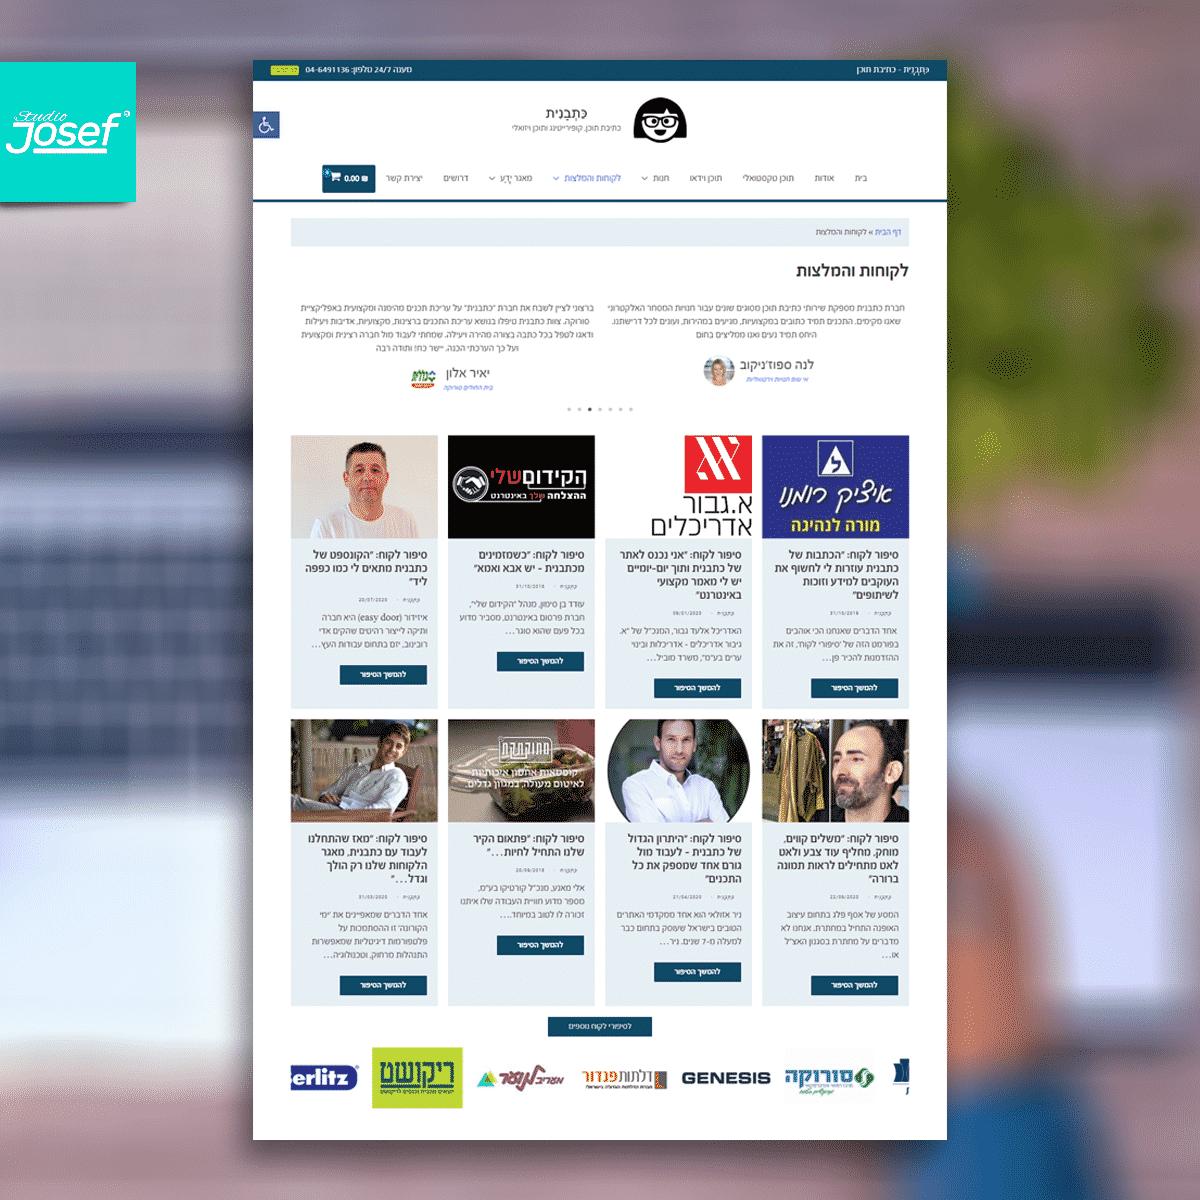 עיצוב אתר כתבנית - עמוד הצלצות לקוחות